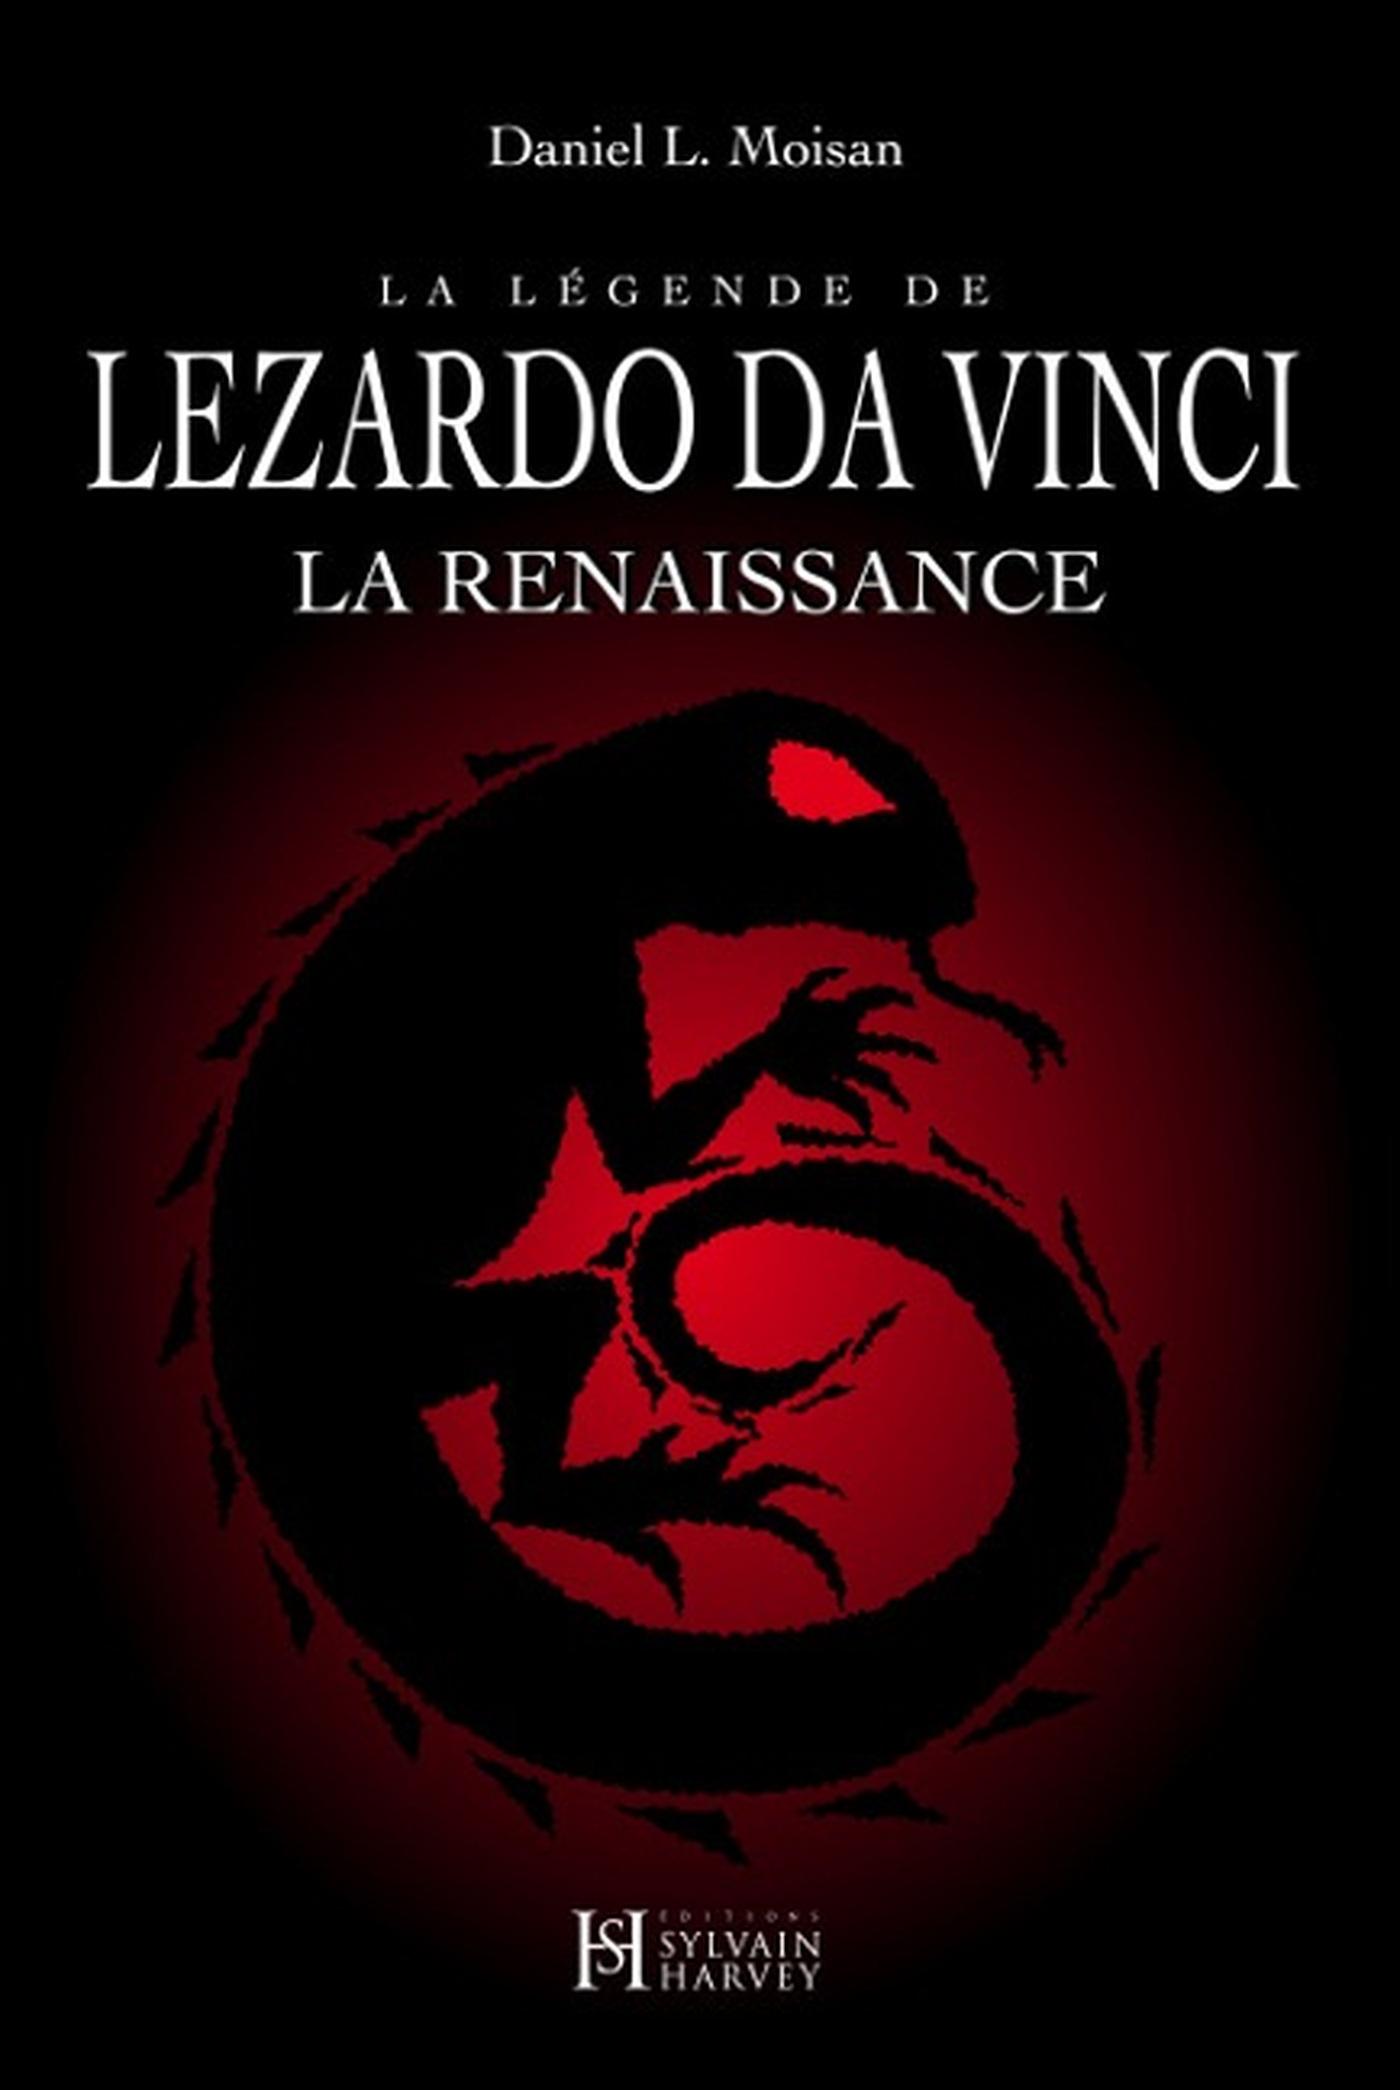 LA LEGENDE DE LEZARDO DA VINCI